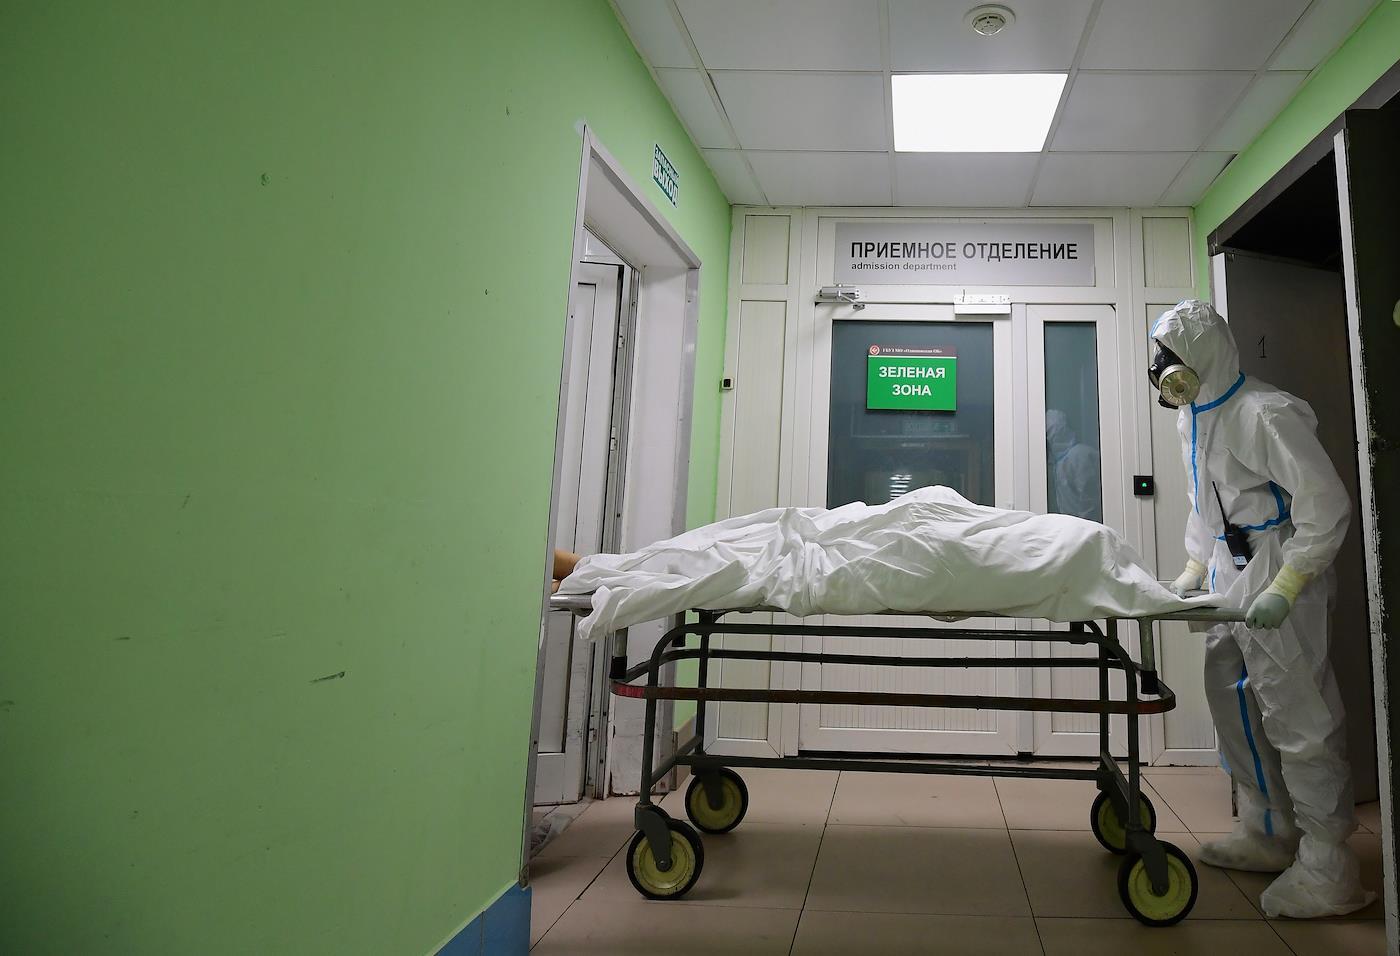 «Онумирал, умирал, иврачи его много раз спасали»: как инженер провел пять месяцев вкоронавирусной реанимации